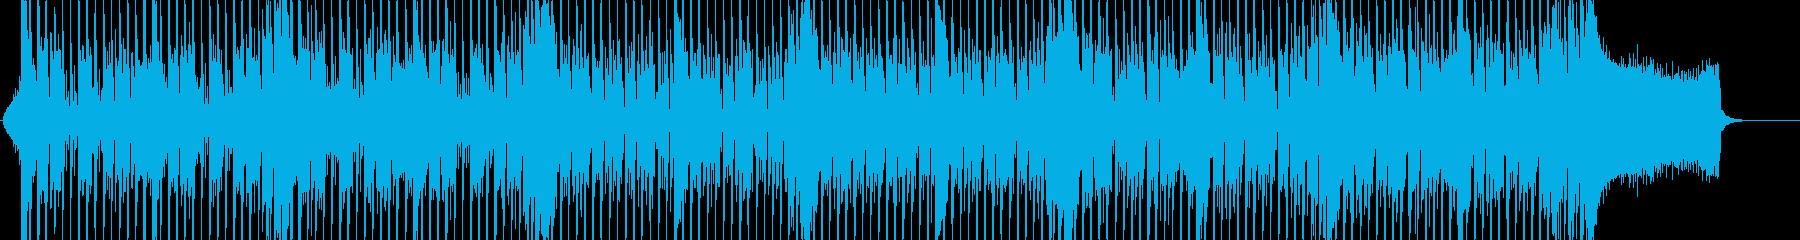 さわやかなエレクトロ四つ打ち。の再生済みの波形